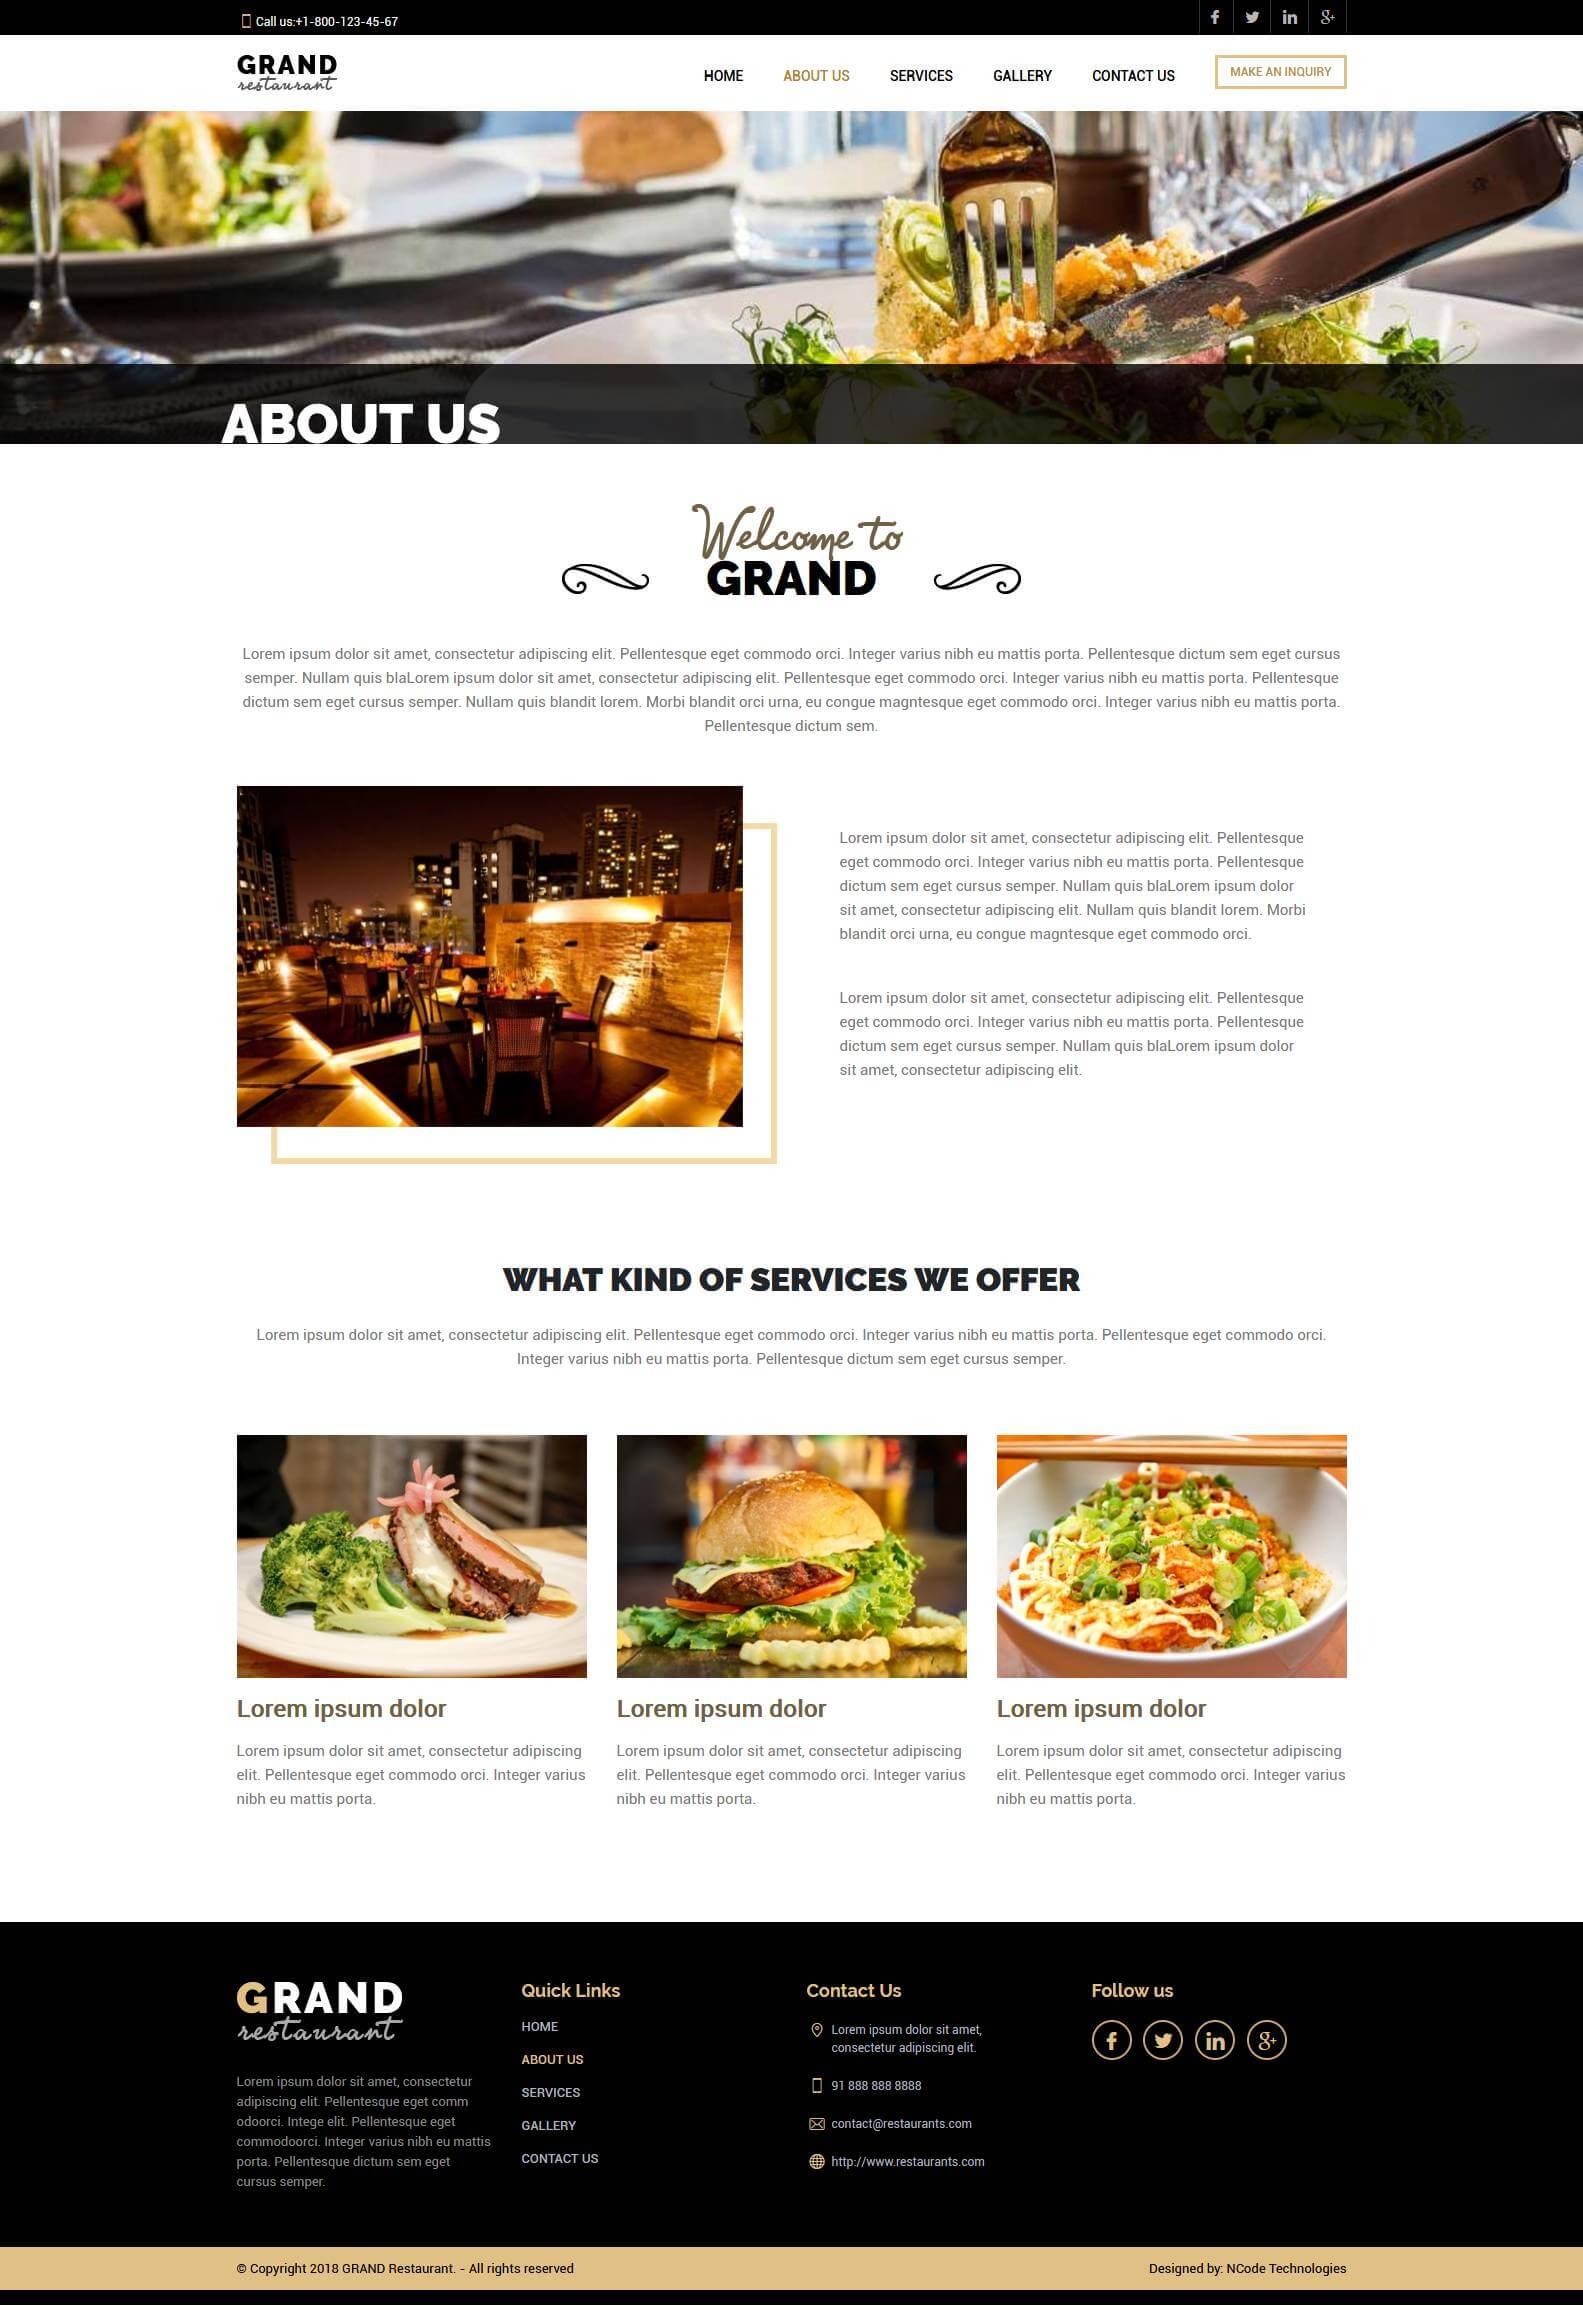 Grand Restaurant Psd Template For Restaurant Website Ncode